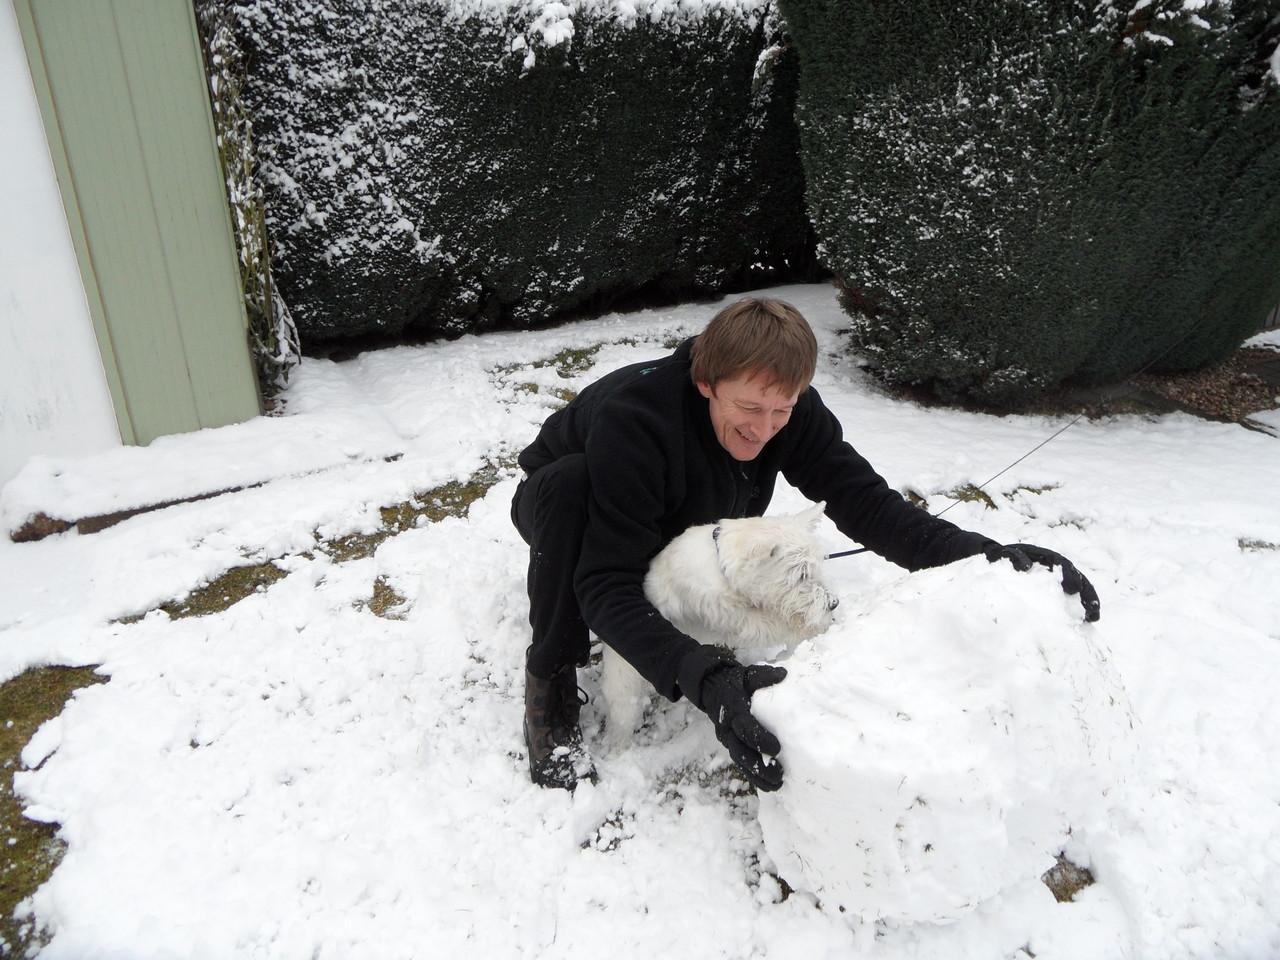 Beim Schneemann bauen helfe ich natürlich auch mit